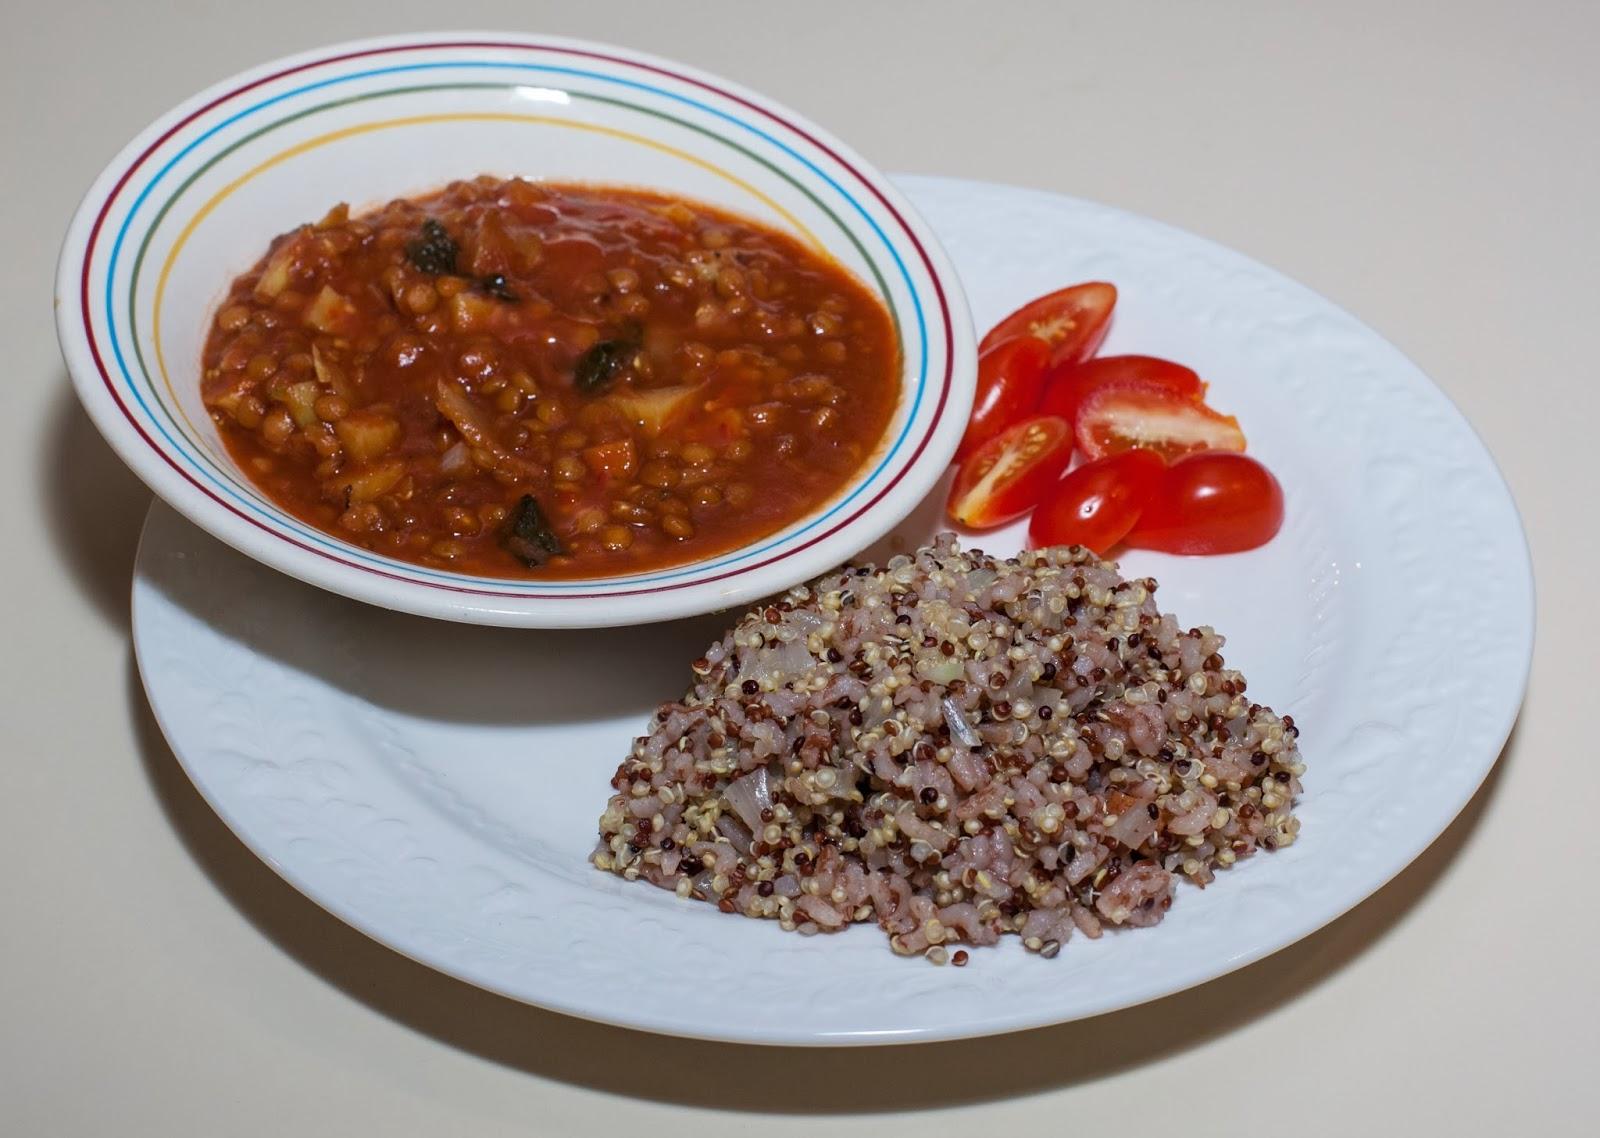 ... banana lentil soup tri colored lentil soup tri colored lentil soup by